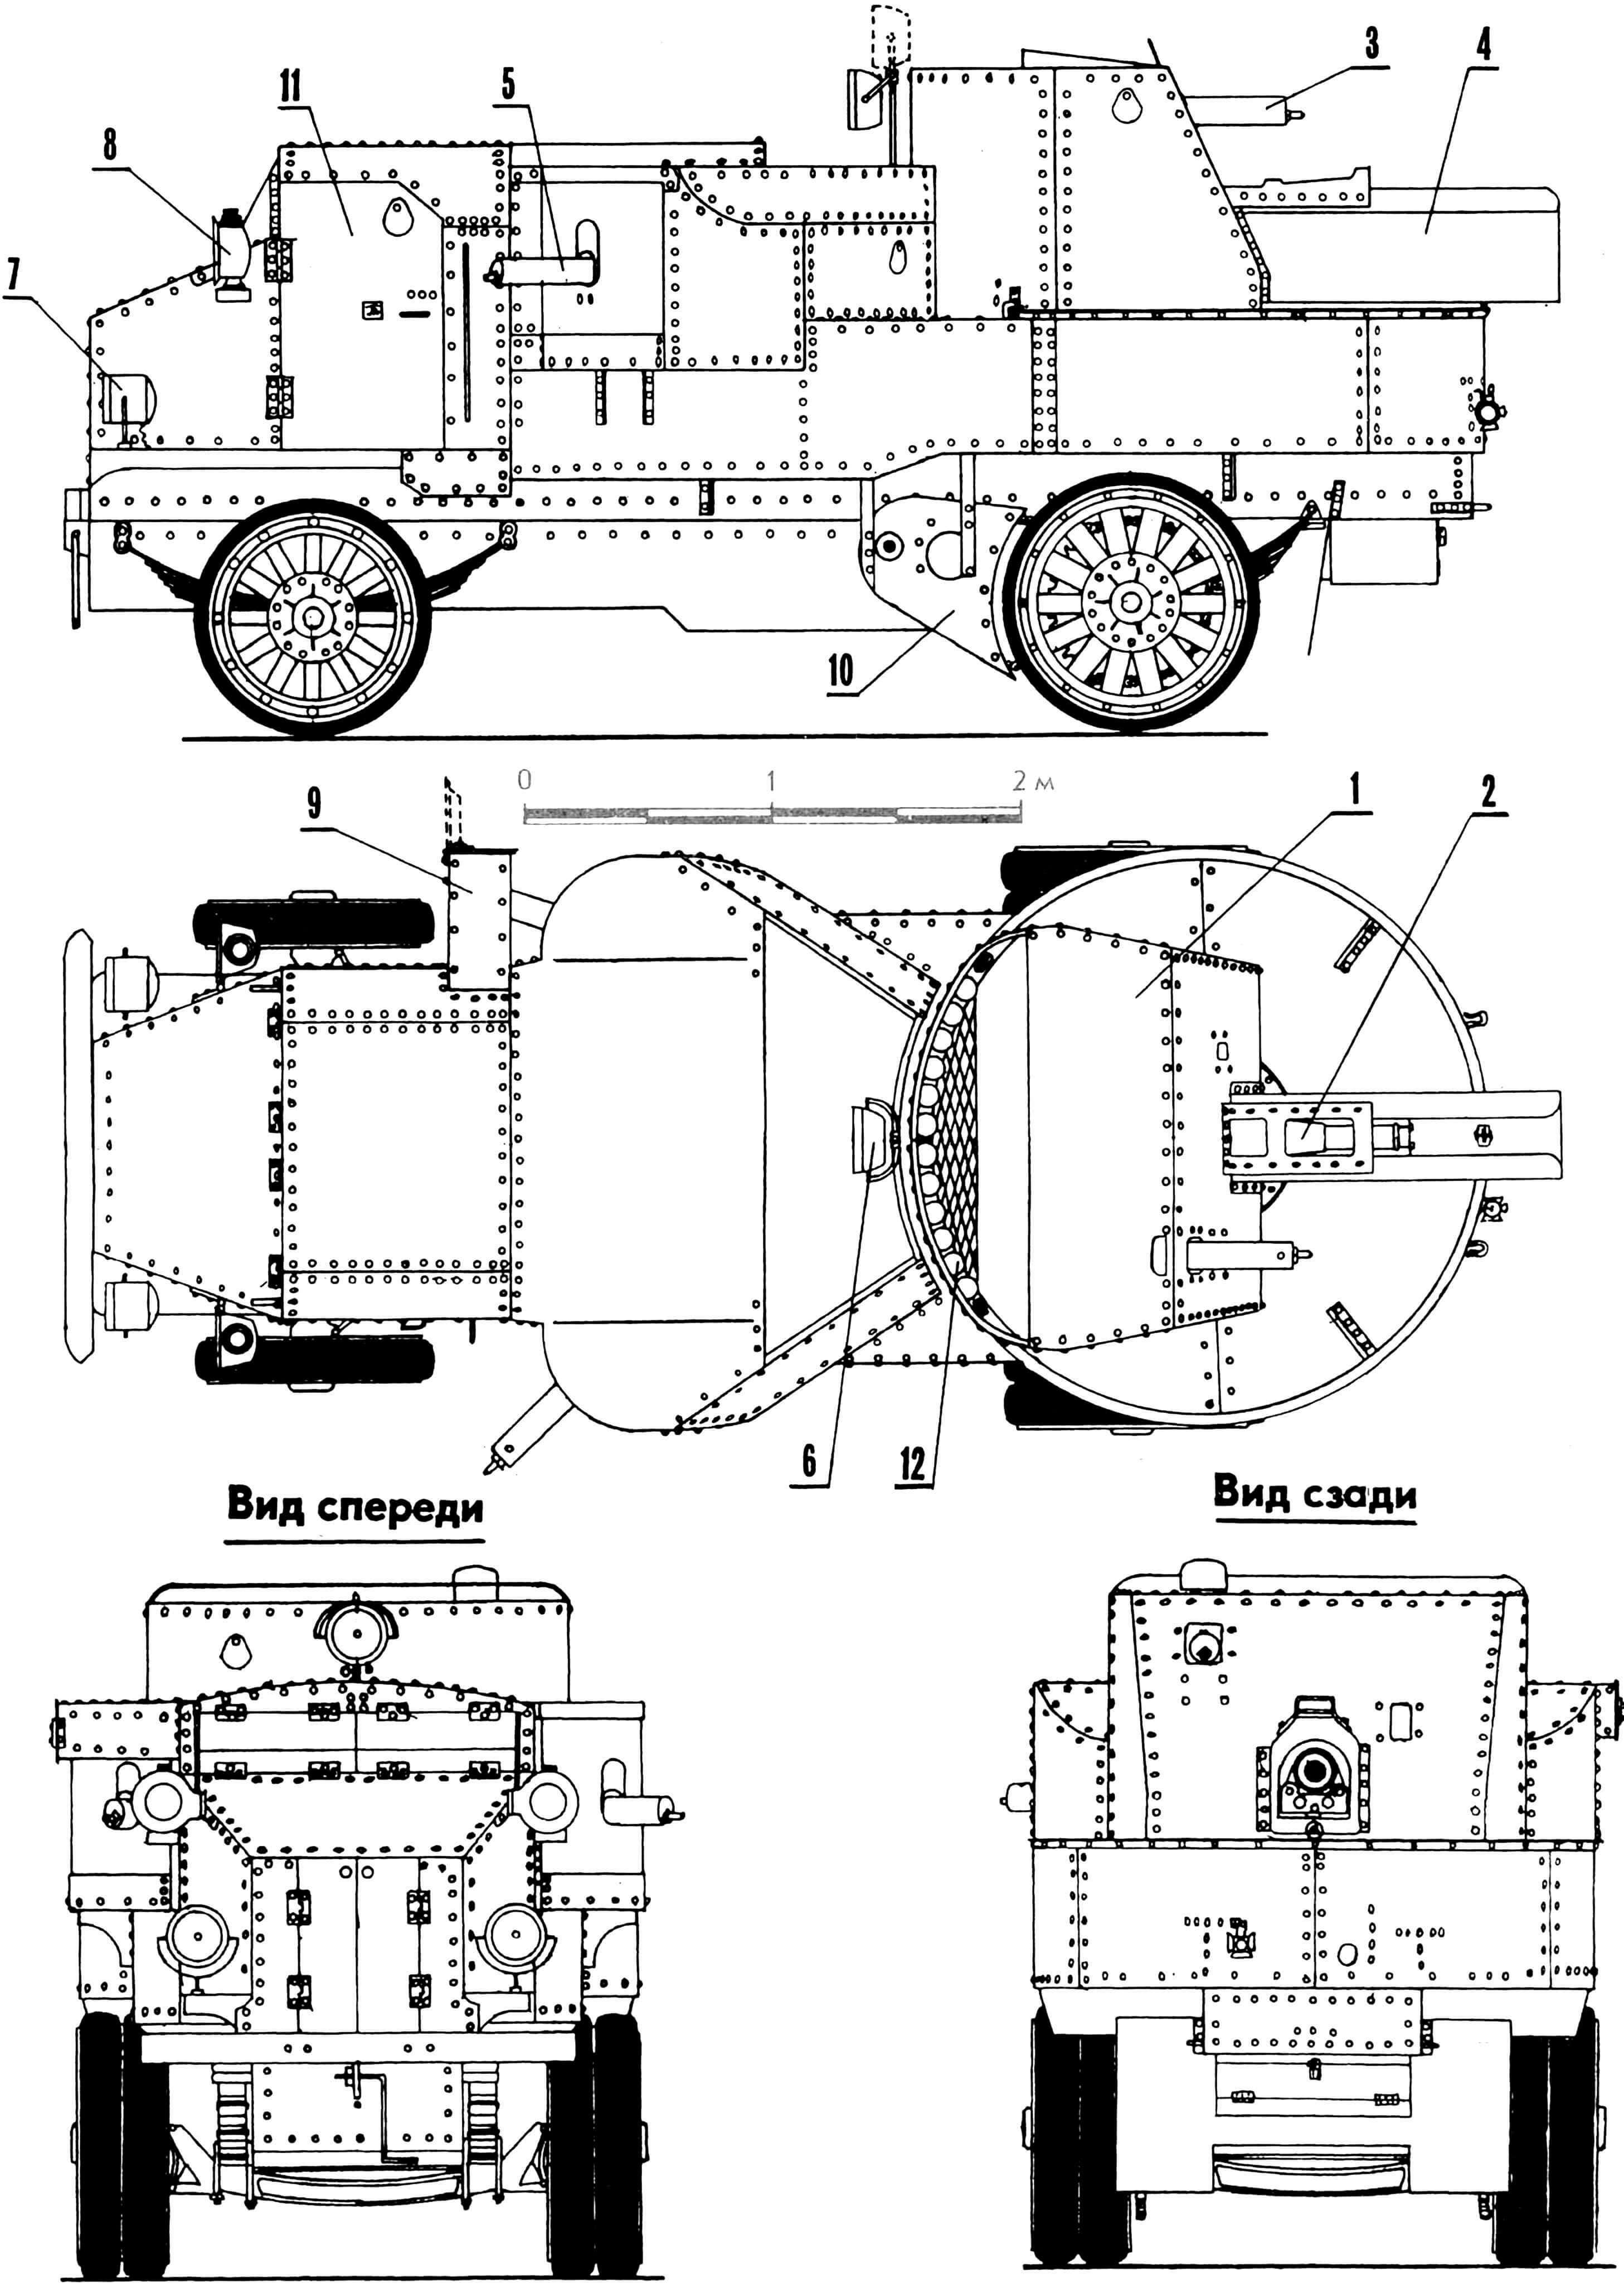 Бронеавтомобиль «Гарфорд»: 1 — башня орудийная, 2 — 76-мм пушка, 3 — пулемет Максима башенный, 4 — кожух пушки броневой, 5 — пулемет Максима бортовой, 6 — прожектор боевой, 7 — фара электрическая, 8 — фара керосиновая, 9 — кожух смотрового прибора для езды задним ходом, 10 — кожух цепной передачи, 11 — дверь для посадки экипажа, 12 — боеукладка 76-мм выстрелов.